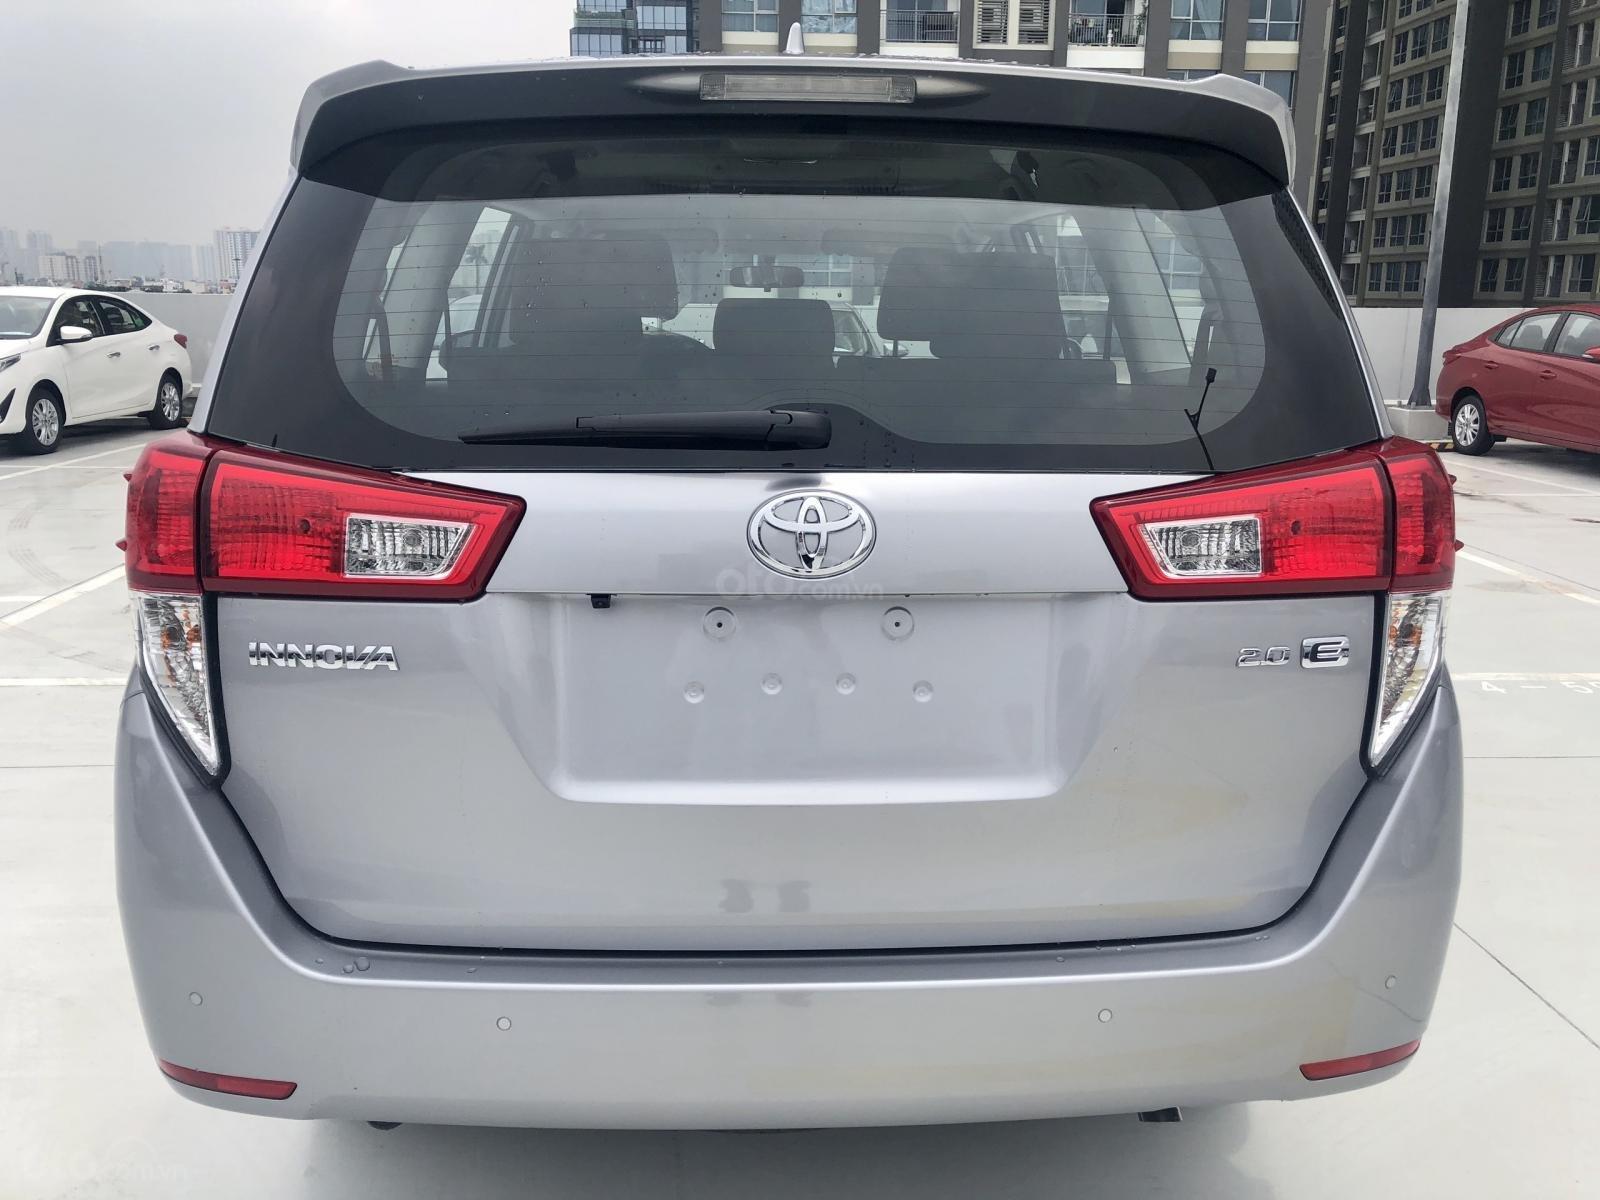 Toyota Innova 2021, tặng 3 năm bảo dưỡng, đủ màu, giao ngay, chỉ cần 175tr có xe (5)